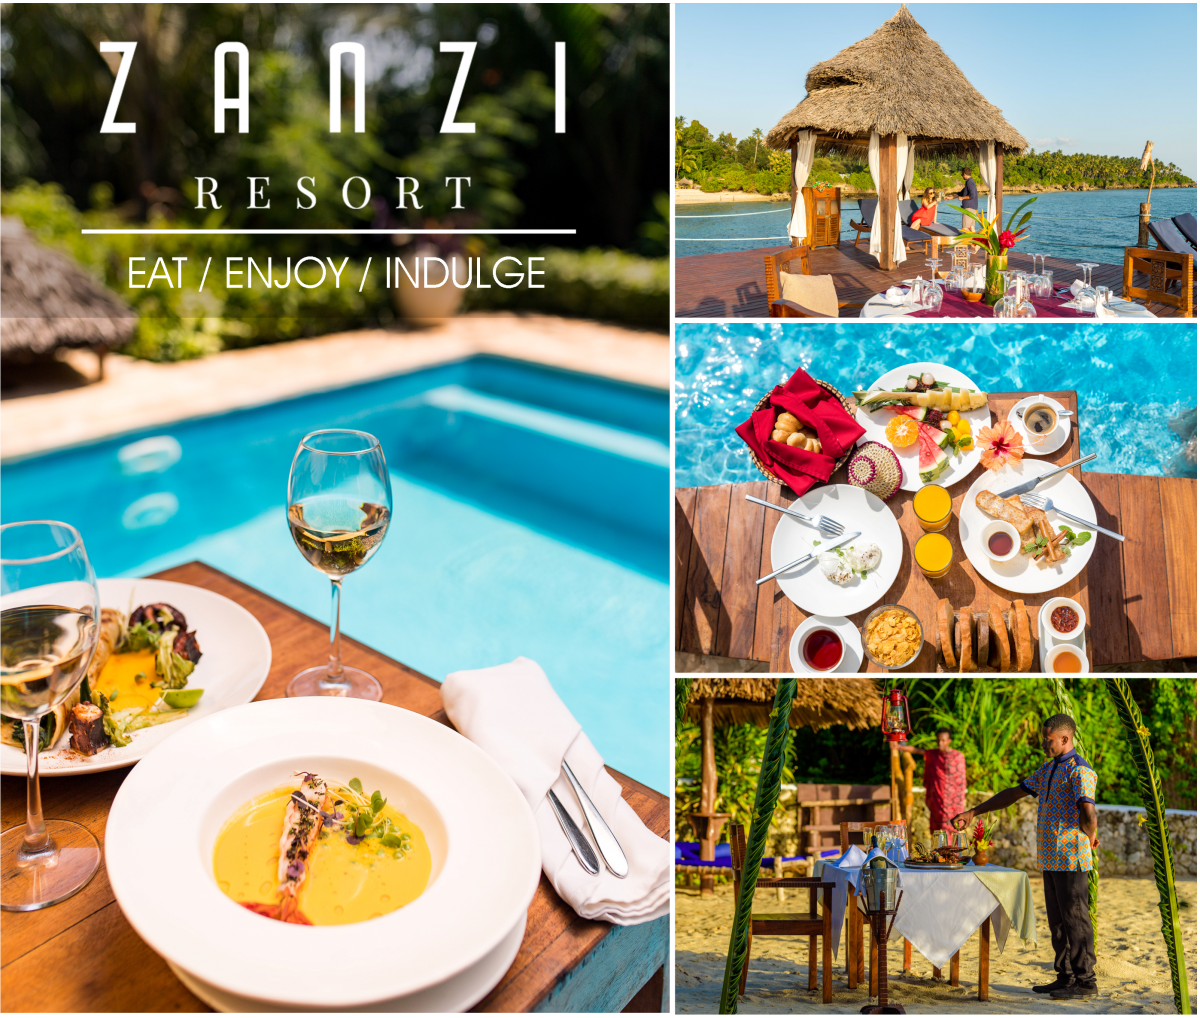 Zanzi Resort Marketing